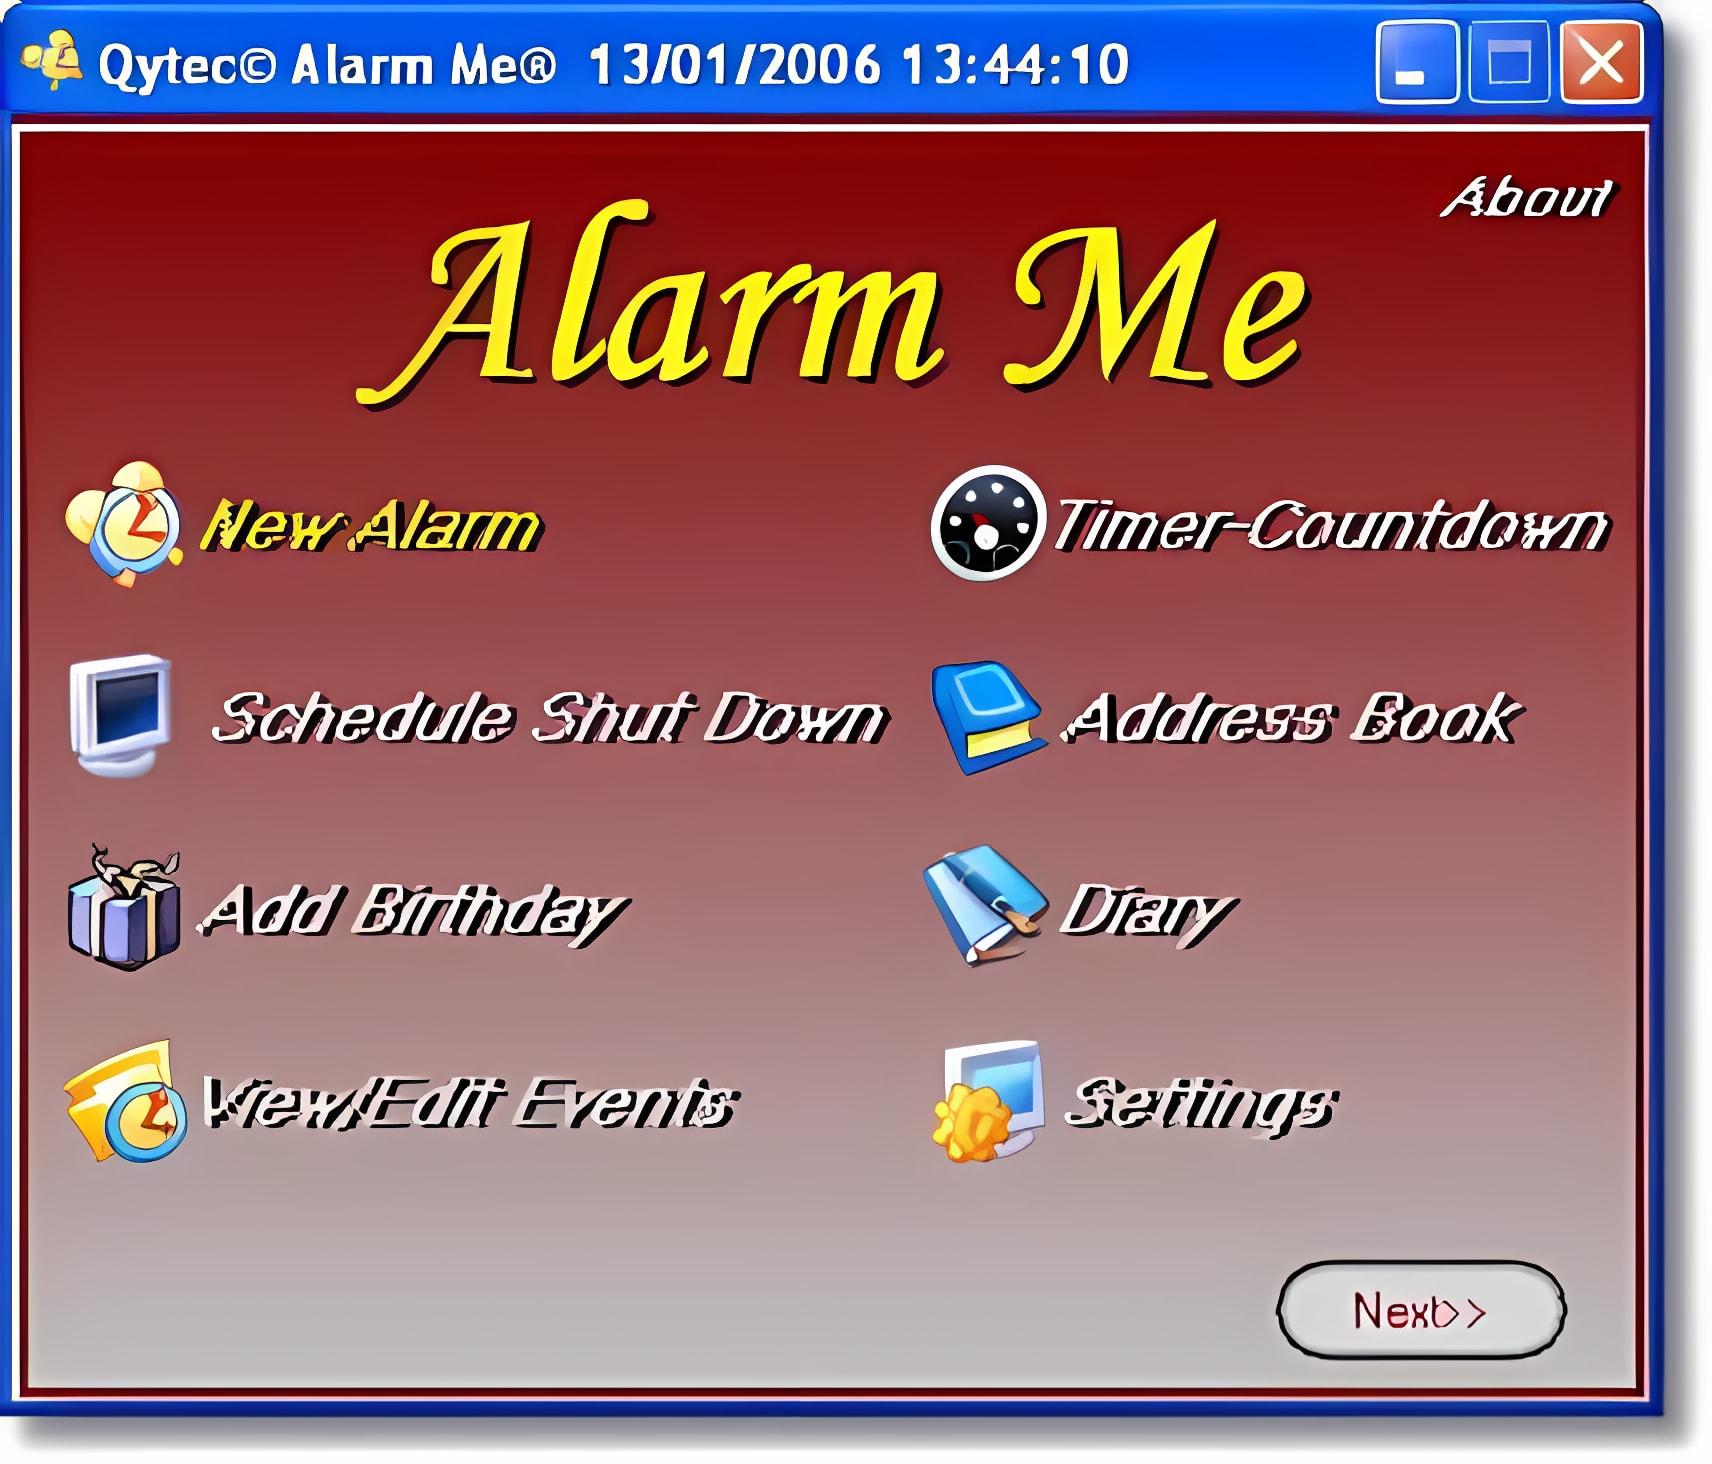 Alarm me